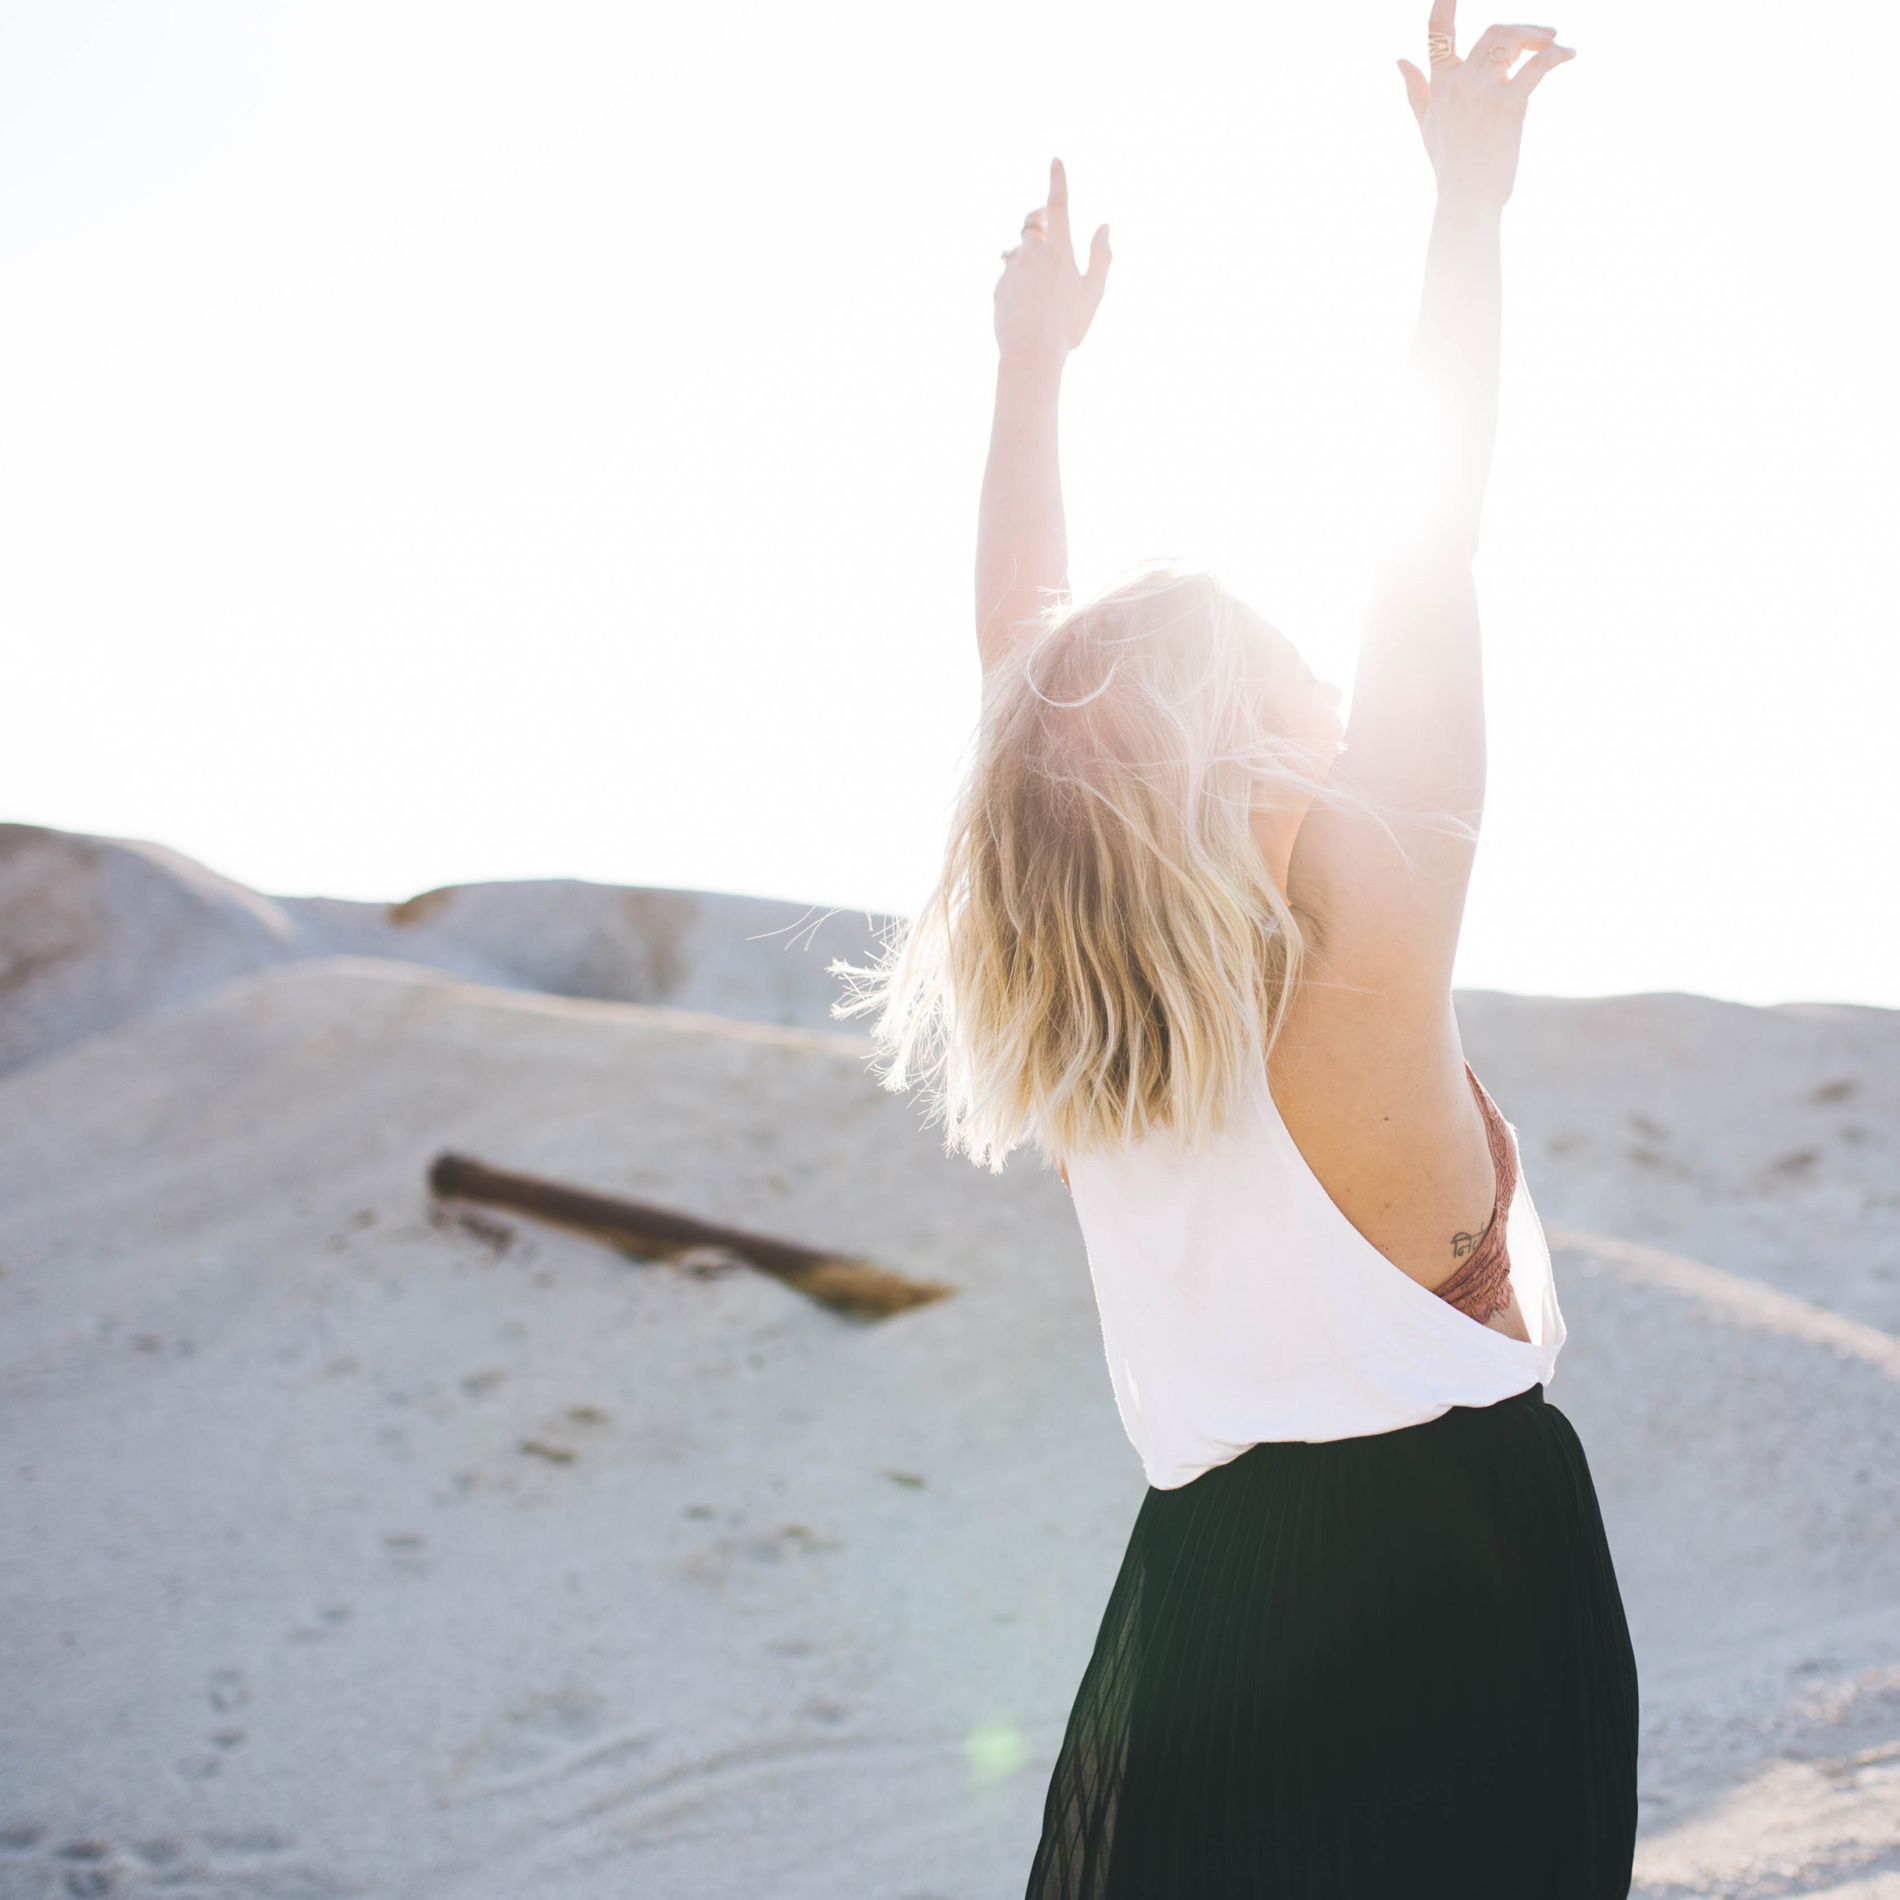 Körper zu akzeptieren und zu lieben, Den eigenen Körper akzeptieren, Body Neutralism, Self Care, Inner Beauty, sich selbst akzeptieren, Selbstliebe, sich selbst wertschätzen, dankbar für den eigenen Körper sein, Dankbarkeit